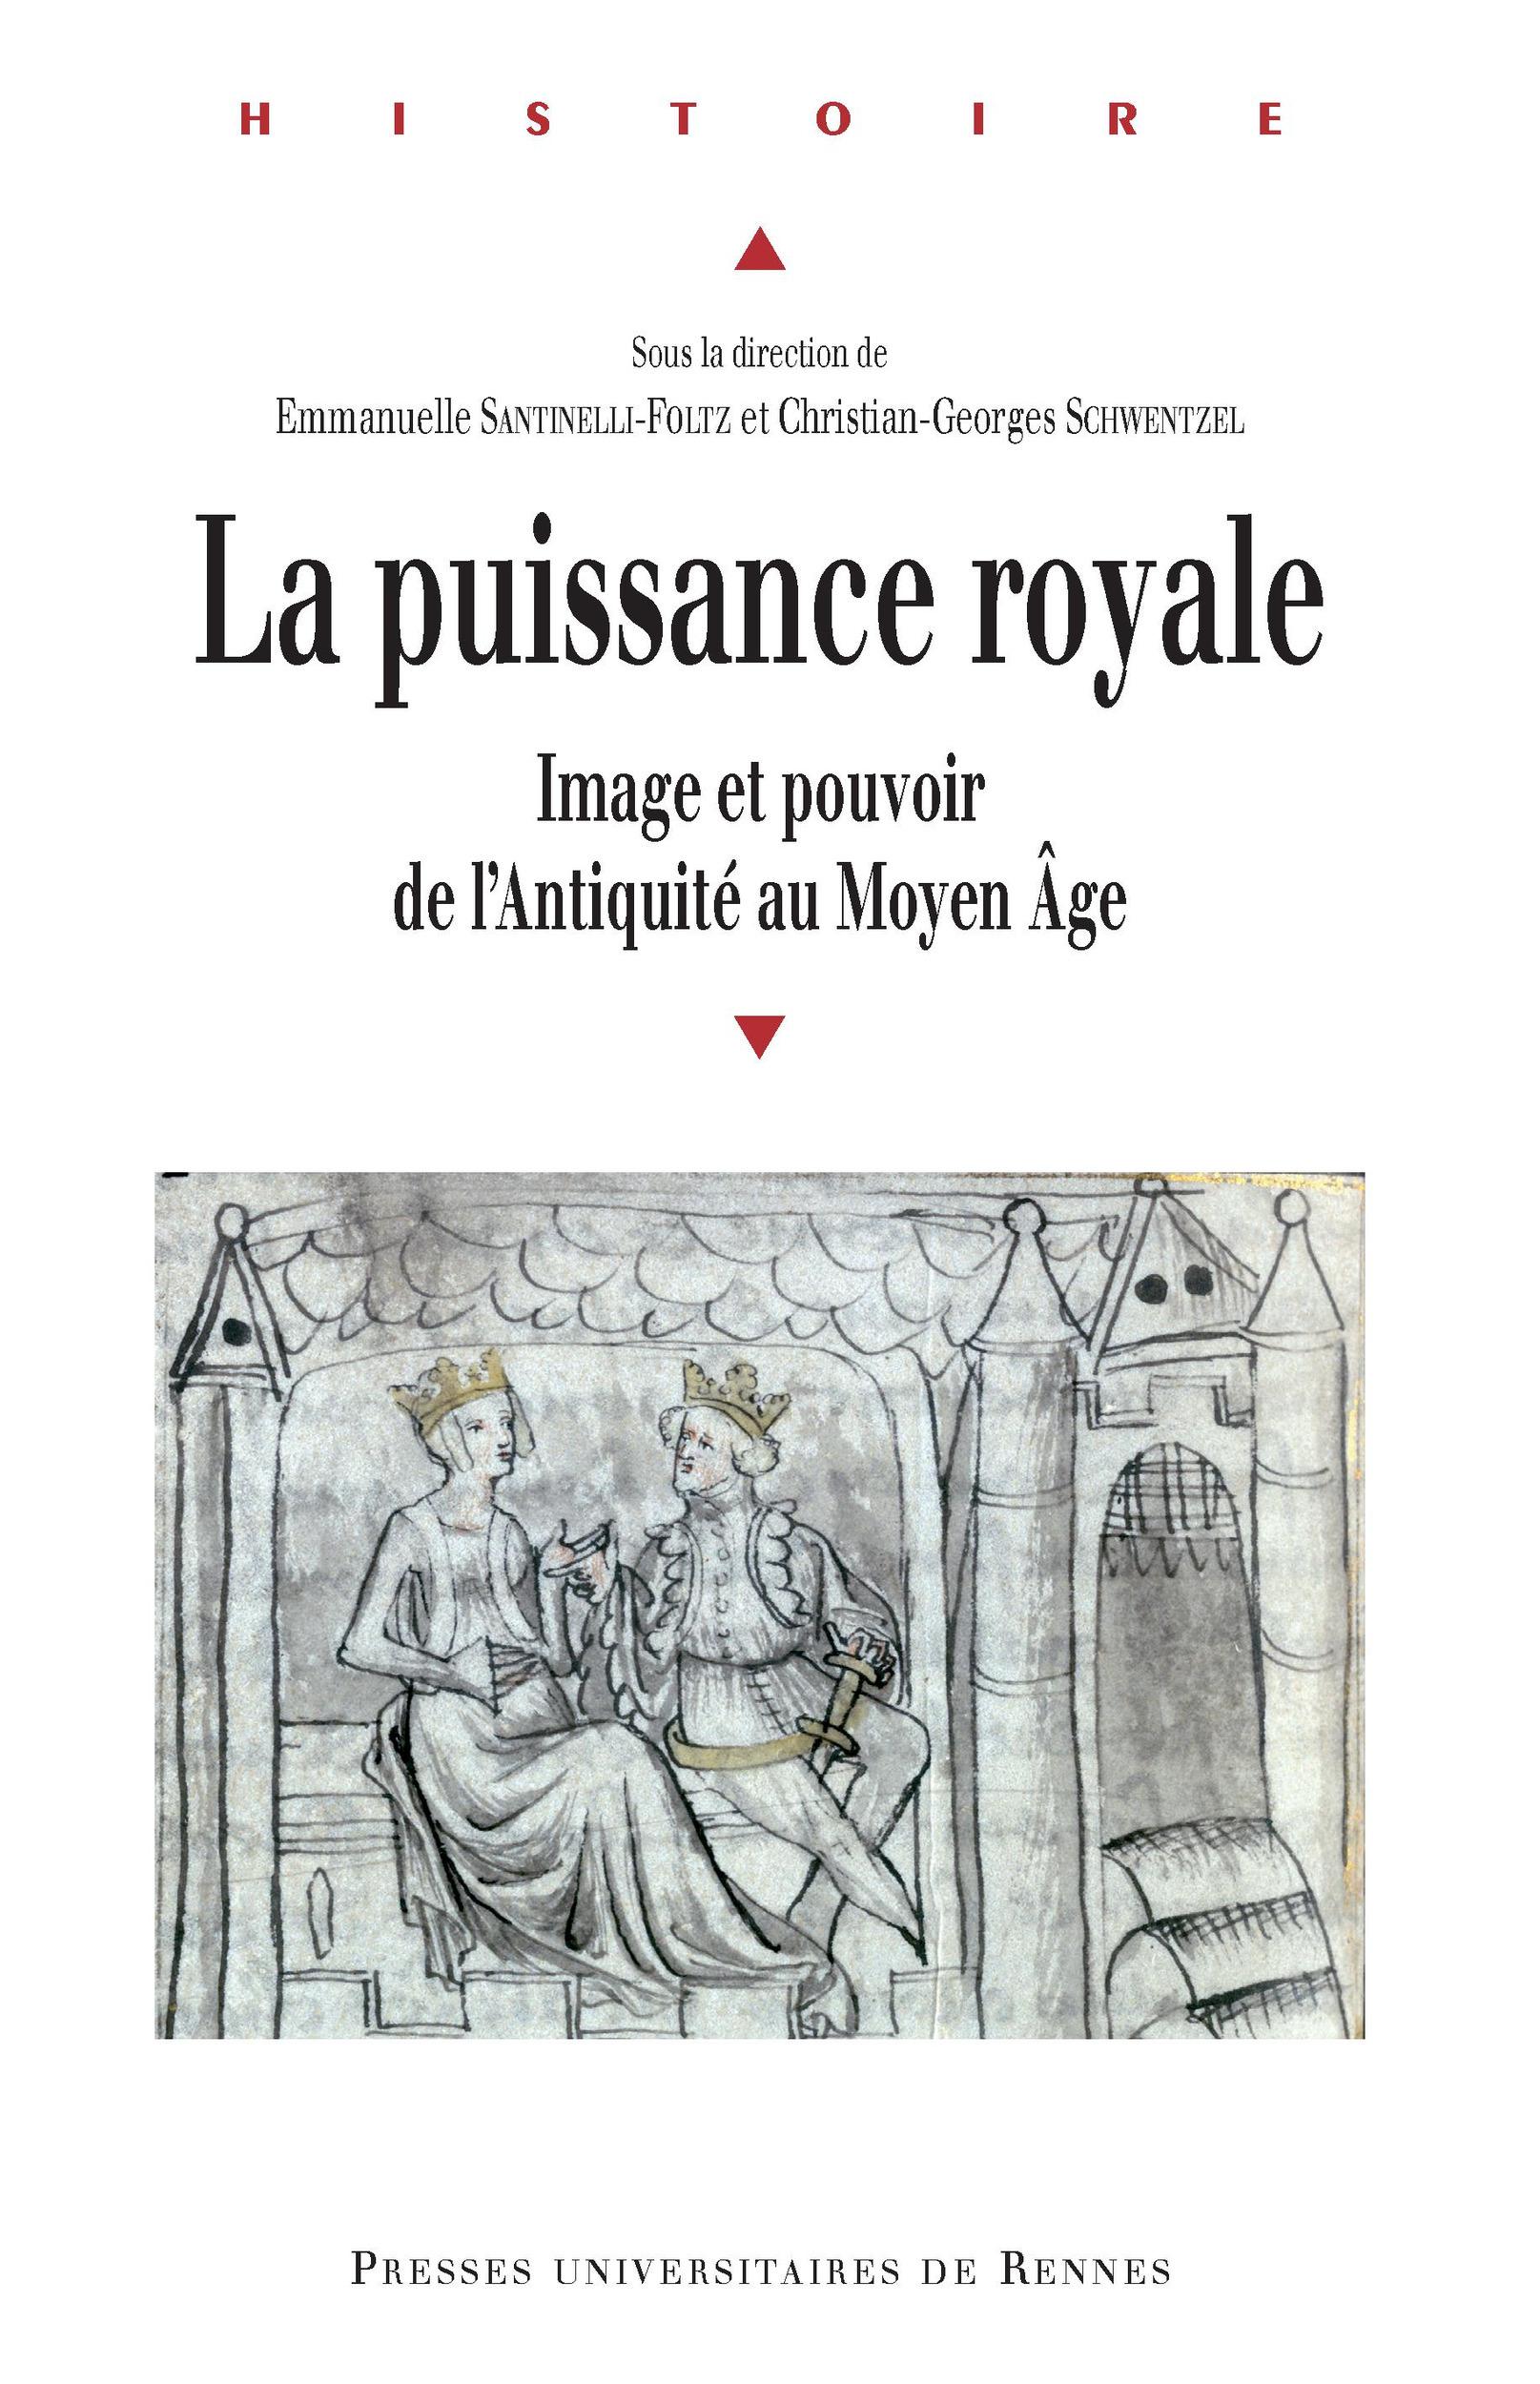 La puissance royale  ; image et pouvoir de l'Antiquité au Moyen Age  - Christian-Georges Schwentzel  - Emmanuelle Santinelli-Foltz